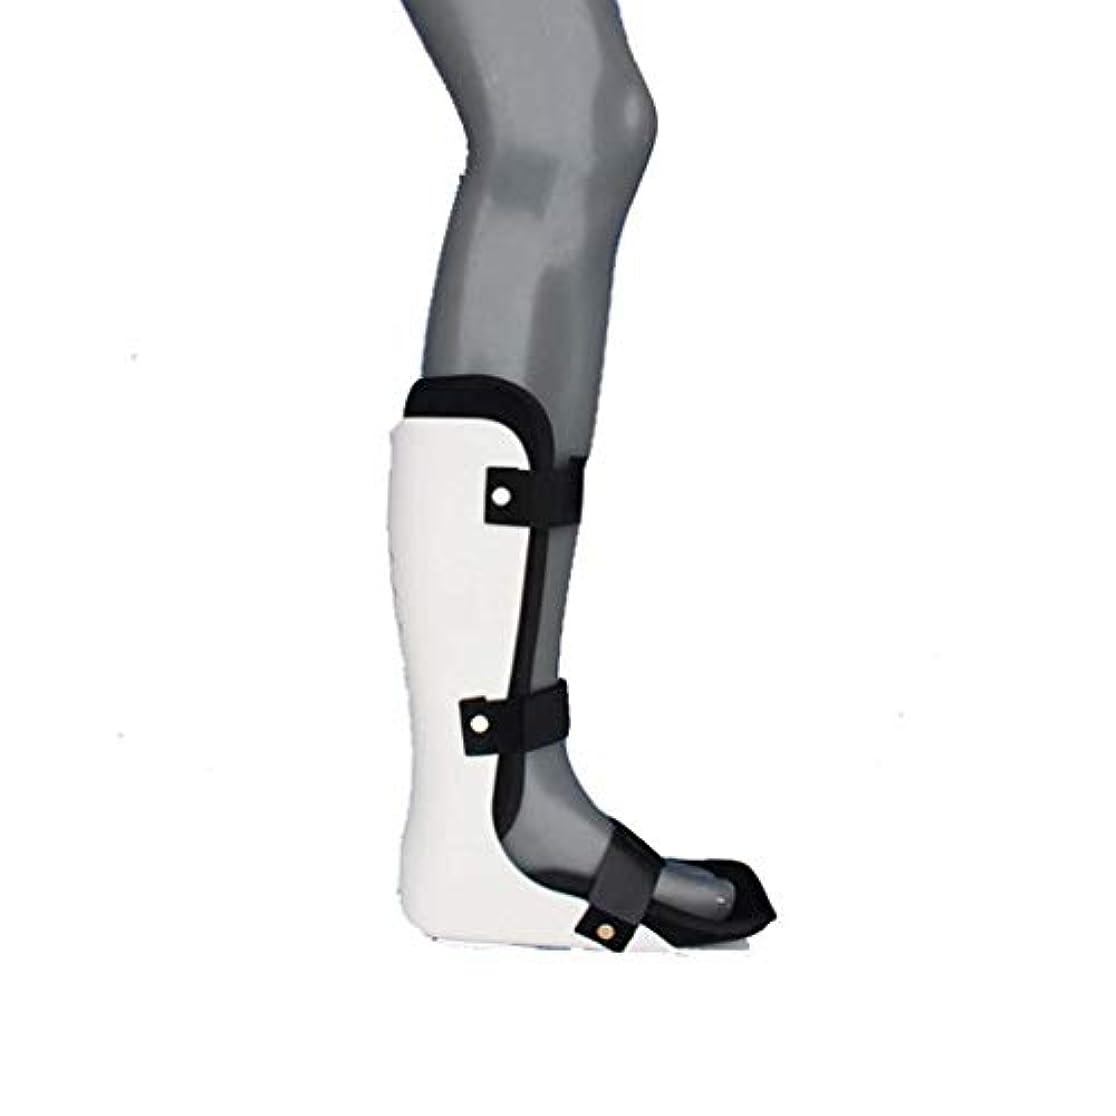 副産物撤退カートFoot Splint Ankle、Corrector Foot Drop Posture Night Sleep Foot Supportは、足底筋膜炎の安定化の症状を緩和するのに役立ちます (Color : B, Size...